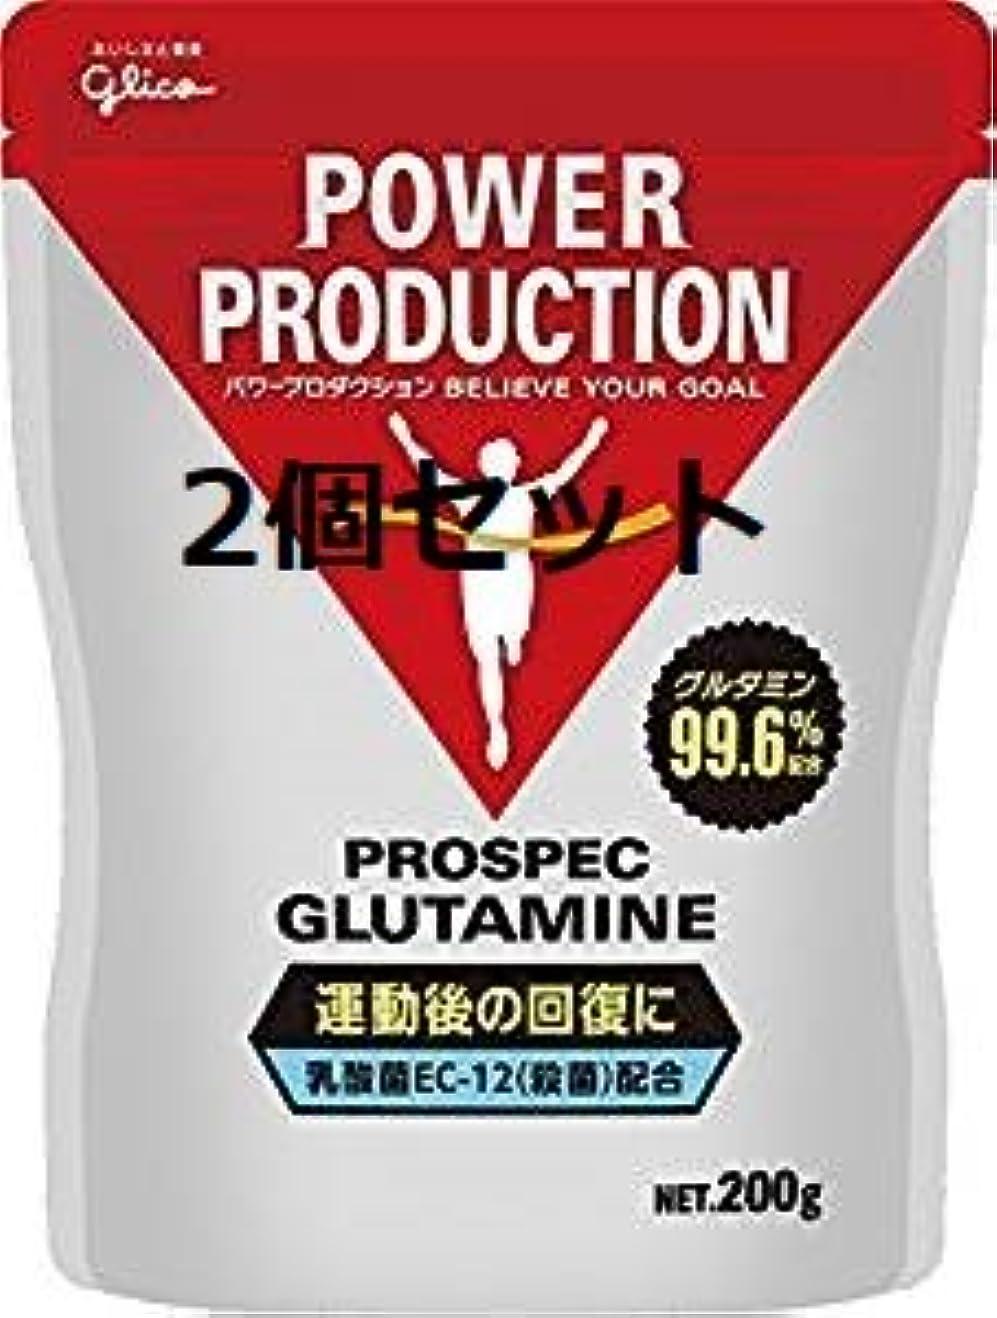 繰り返すカセット愛情深いグリコ パワープロダクション グルタミンパウダー 200g ×2個???